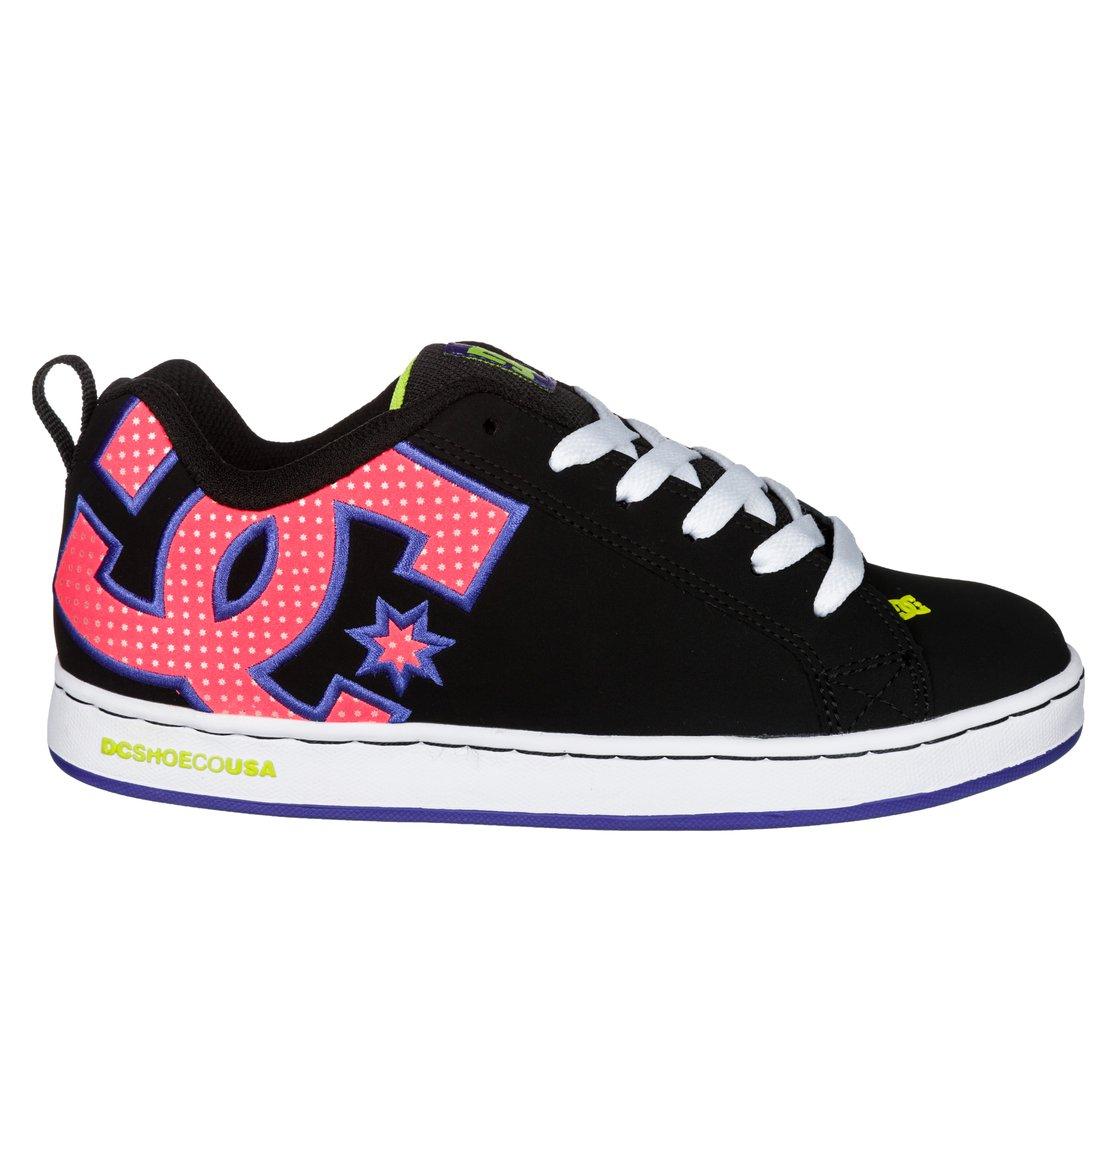 4d3b8b34e5 0 Court Graffik SE 301043 DC Shoes